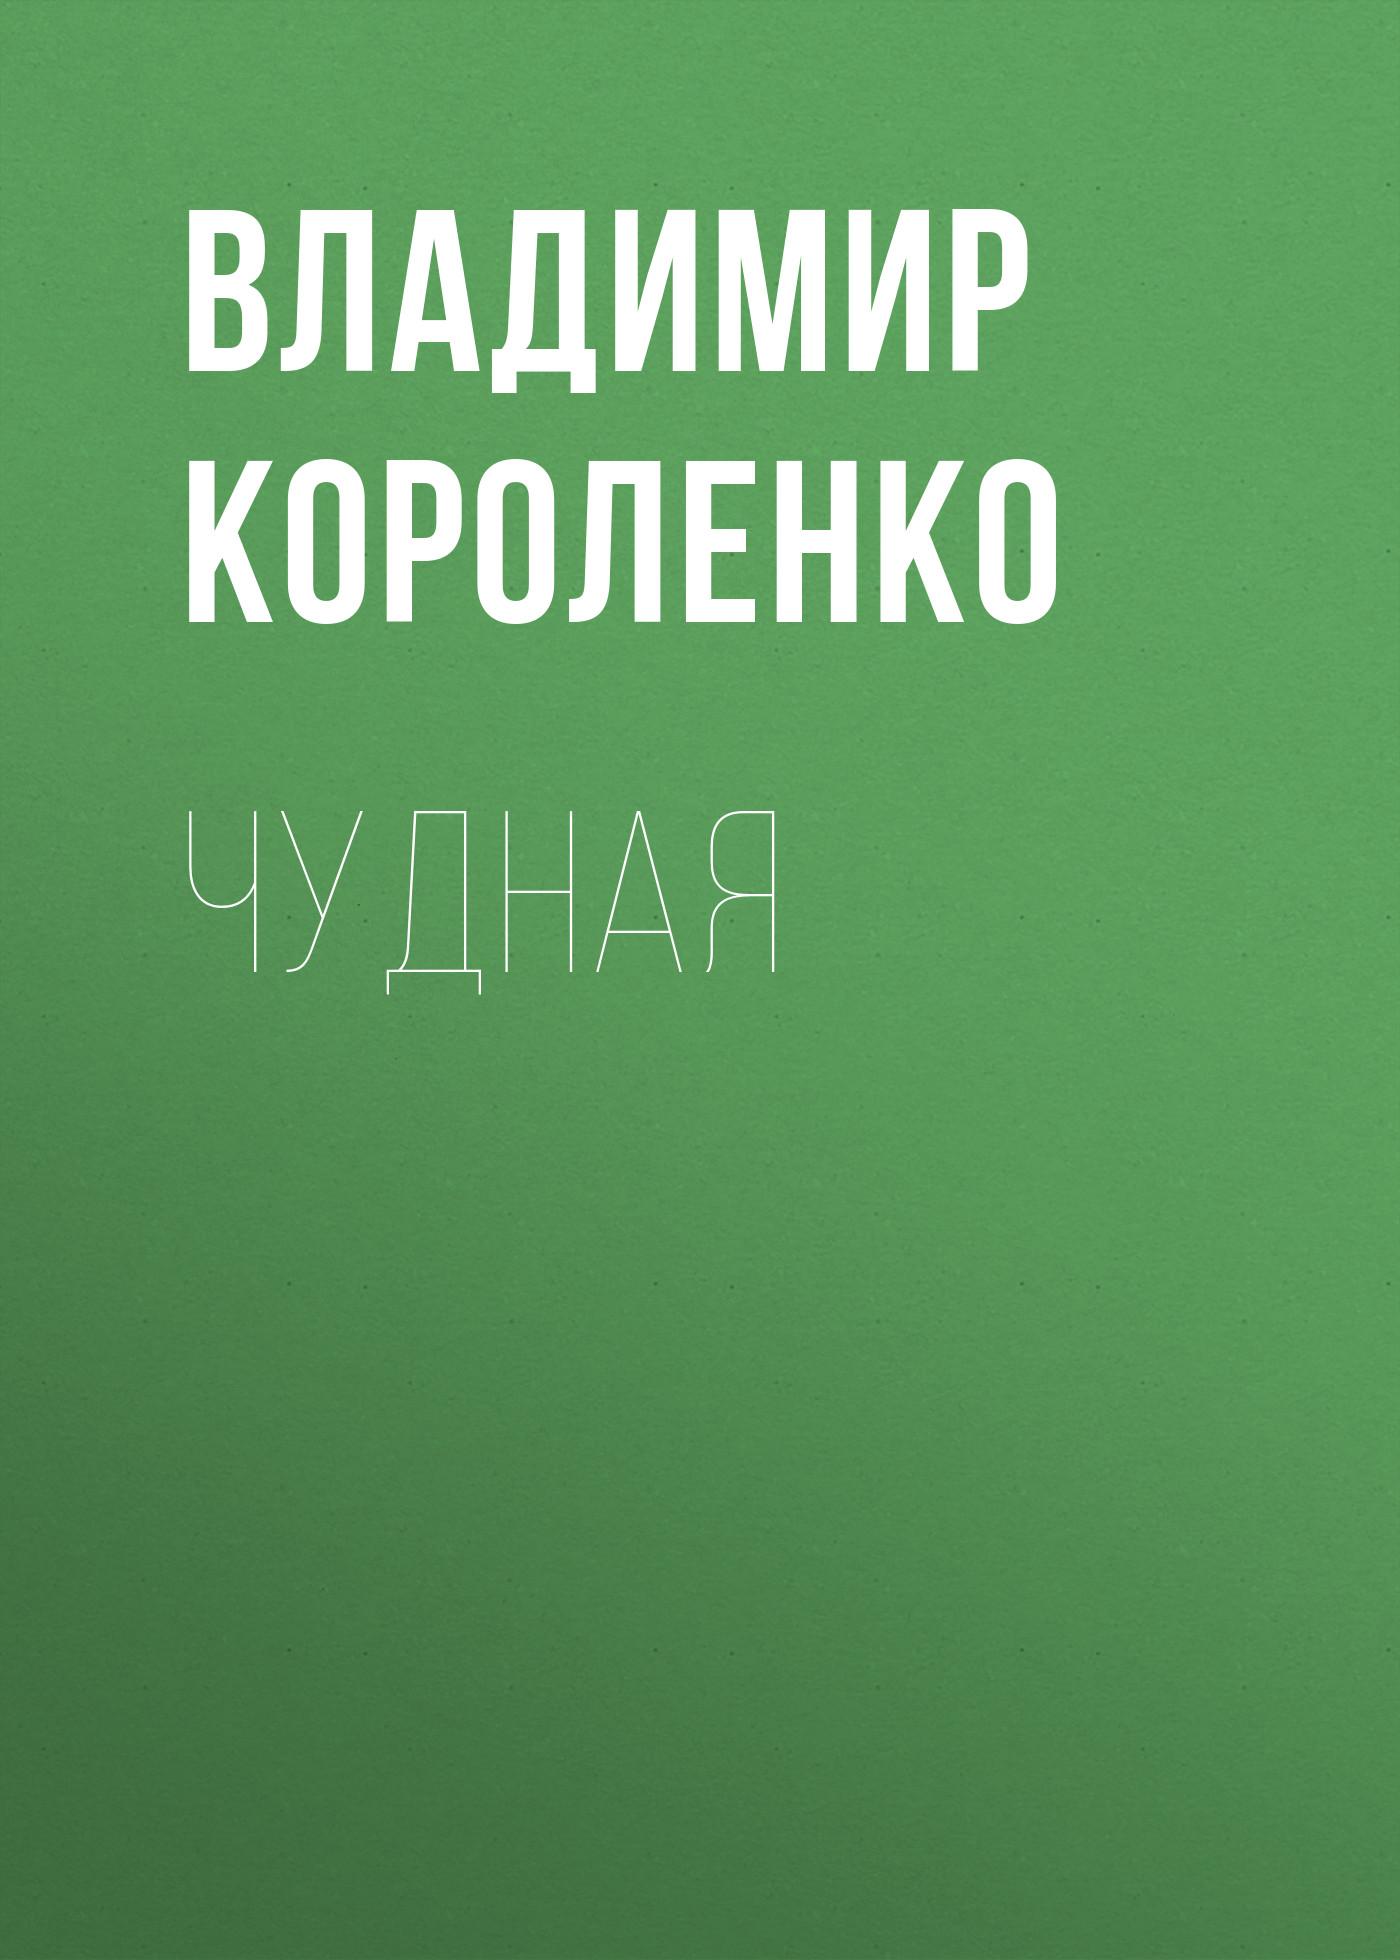 Купить книгу Чудная, автора Владимира Короленко